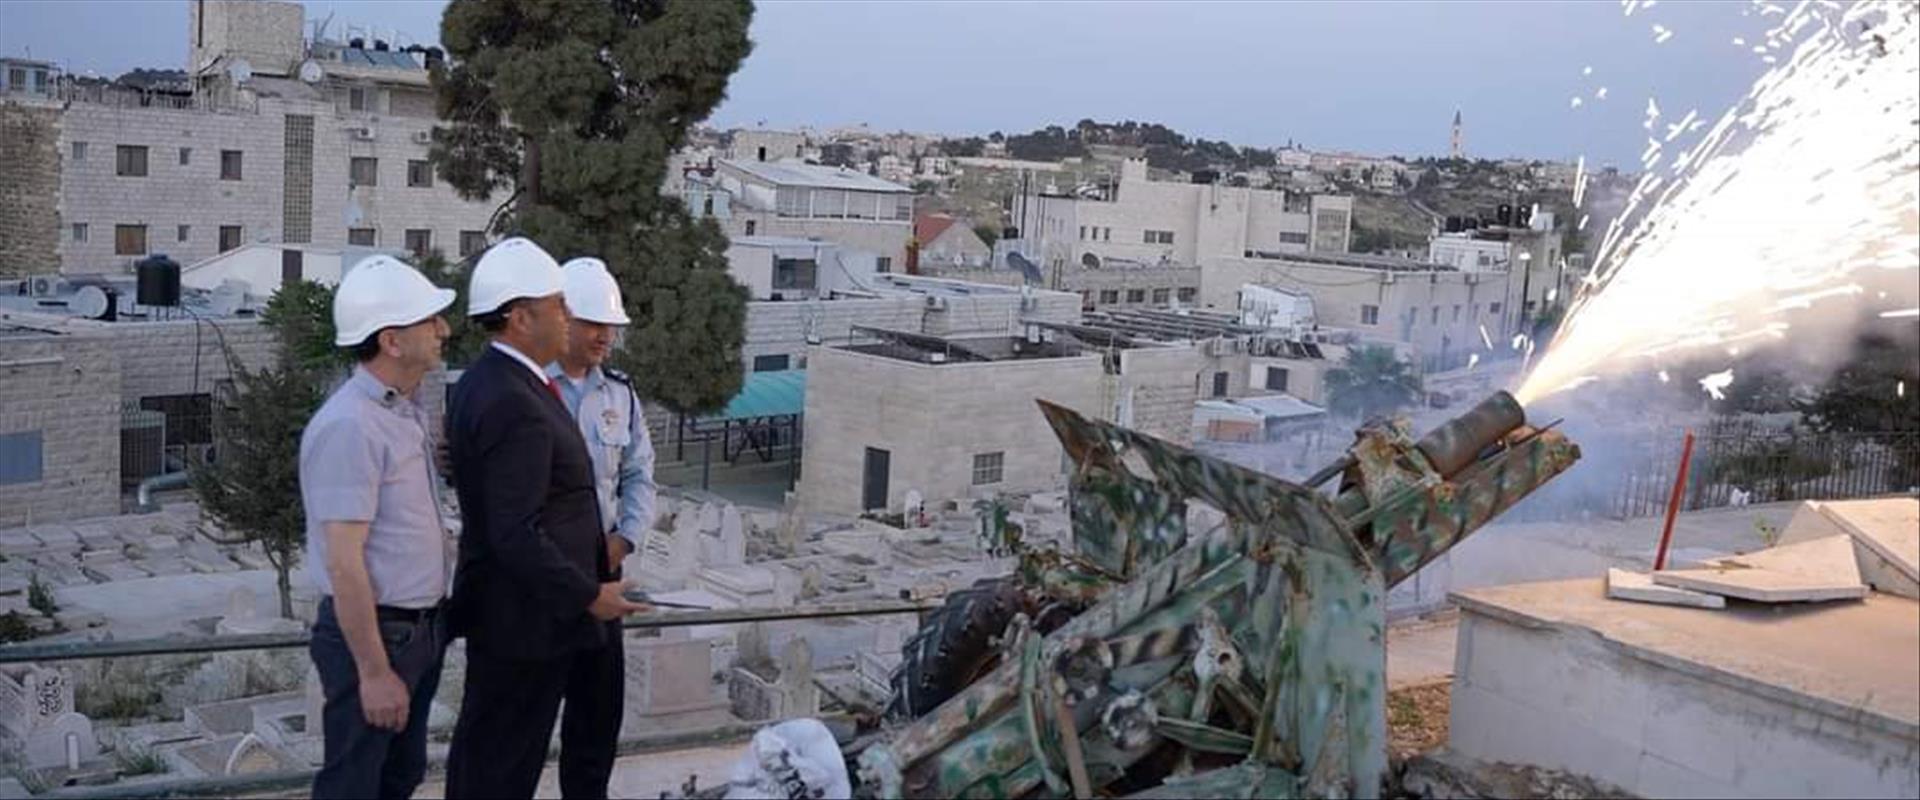 موشي ليؤون يطلق مدفع رمضان